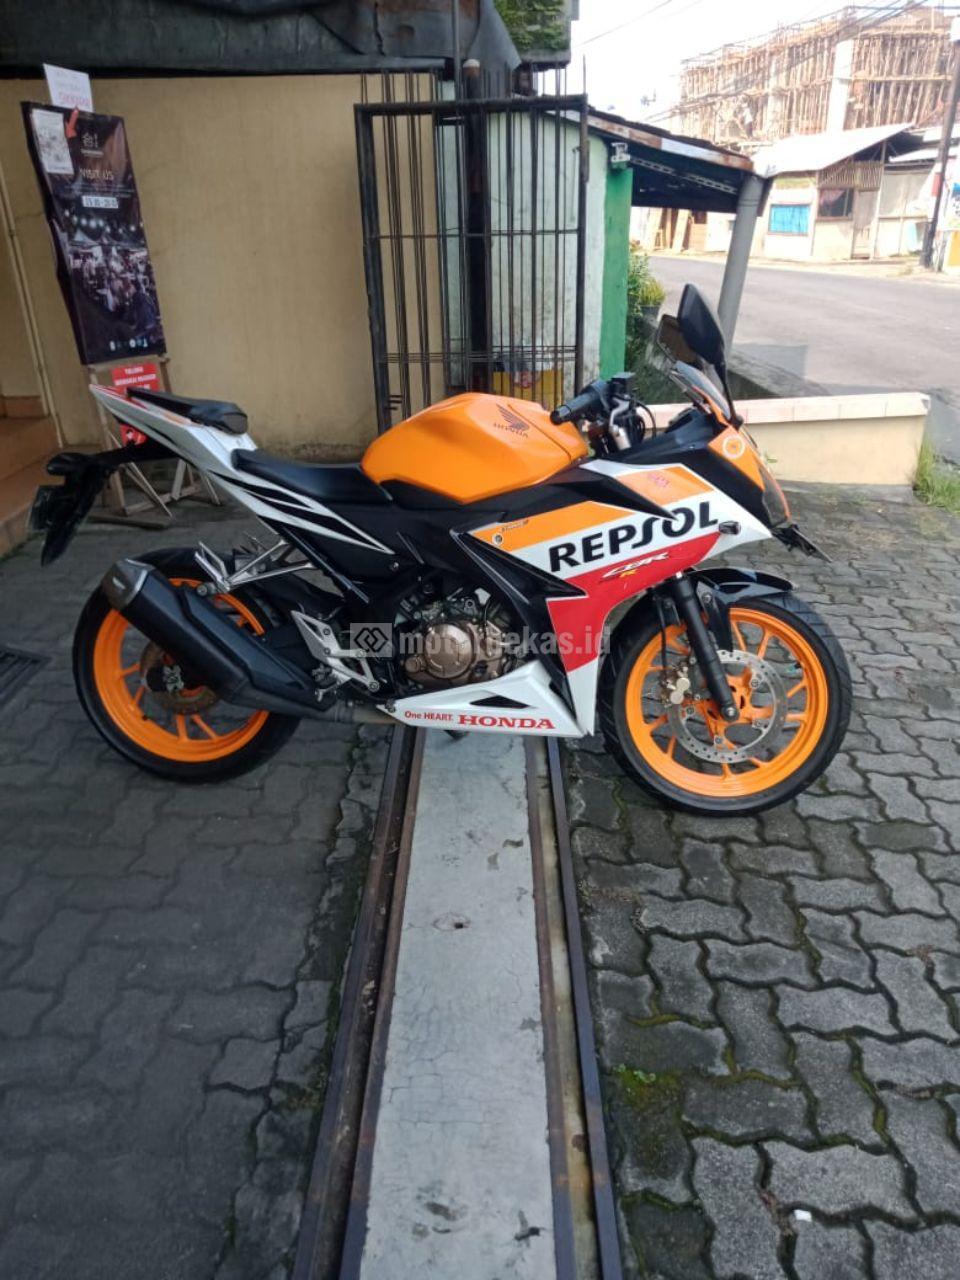 HONDA CBR 150R REPSOL 755 motorbekas.id